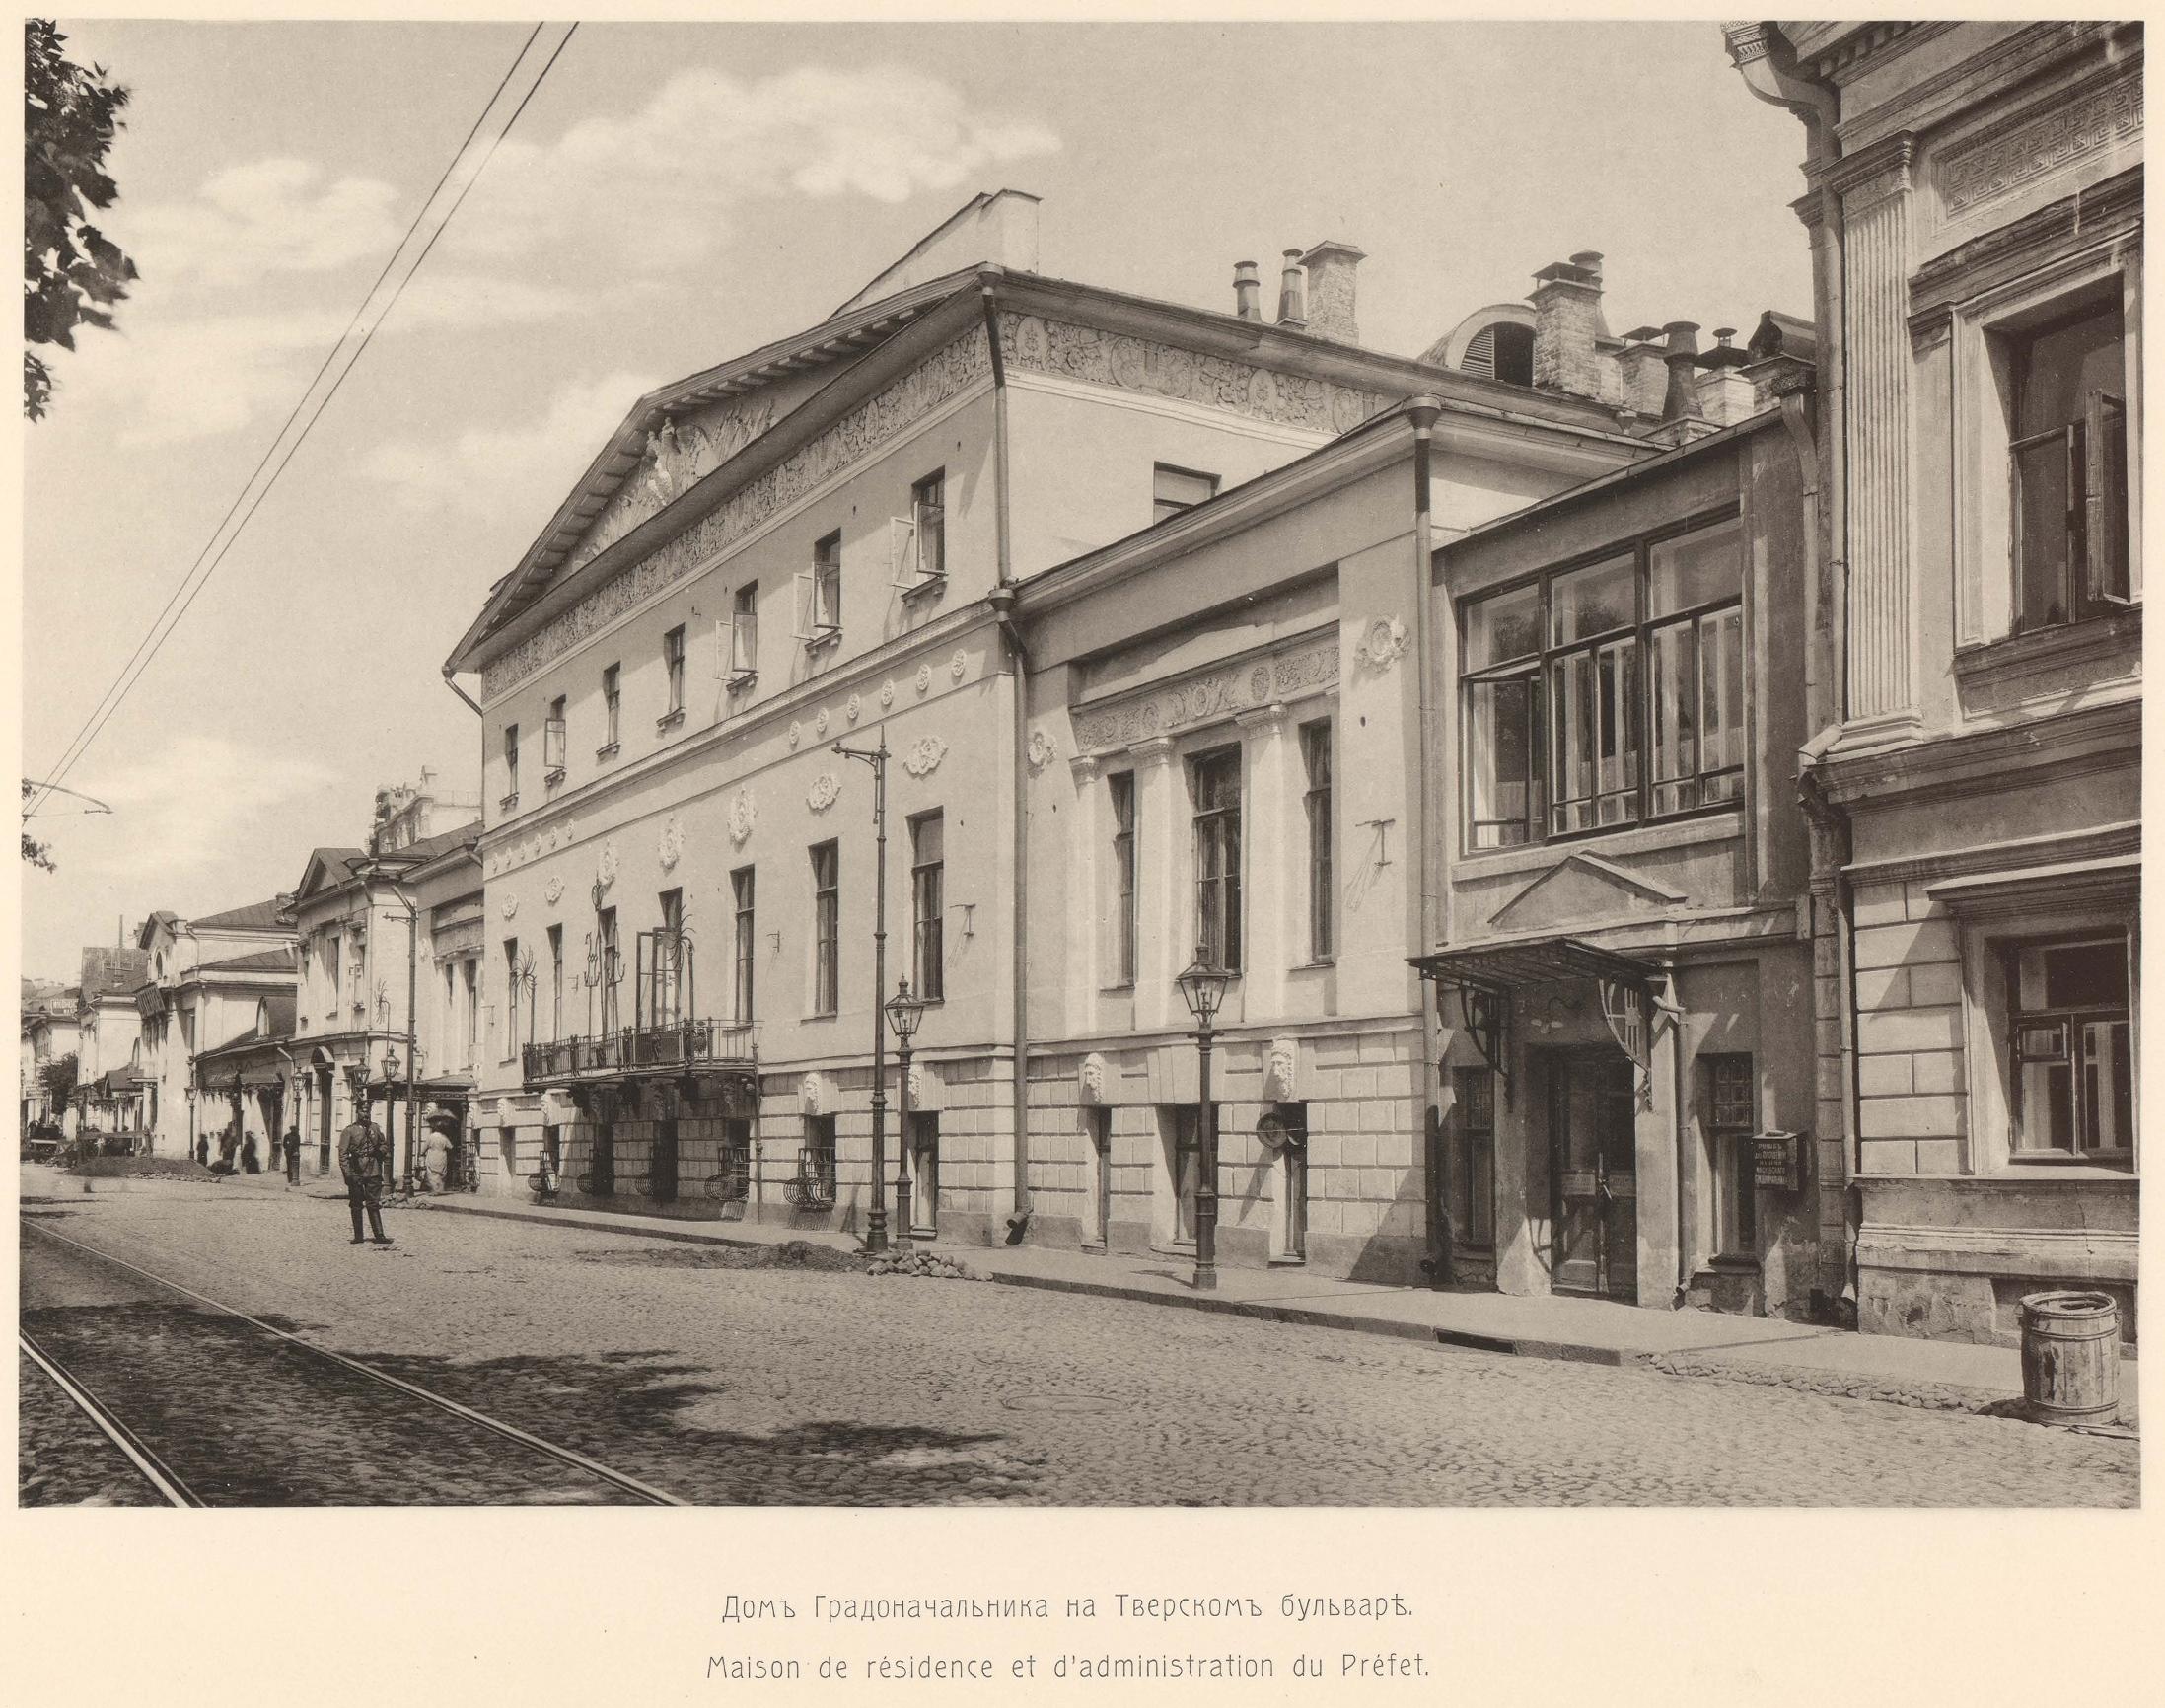 Дом градоначальника на Тверском бульваре в Москве. Фото: П. П. Павлов. Начало XX века